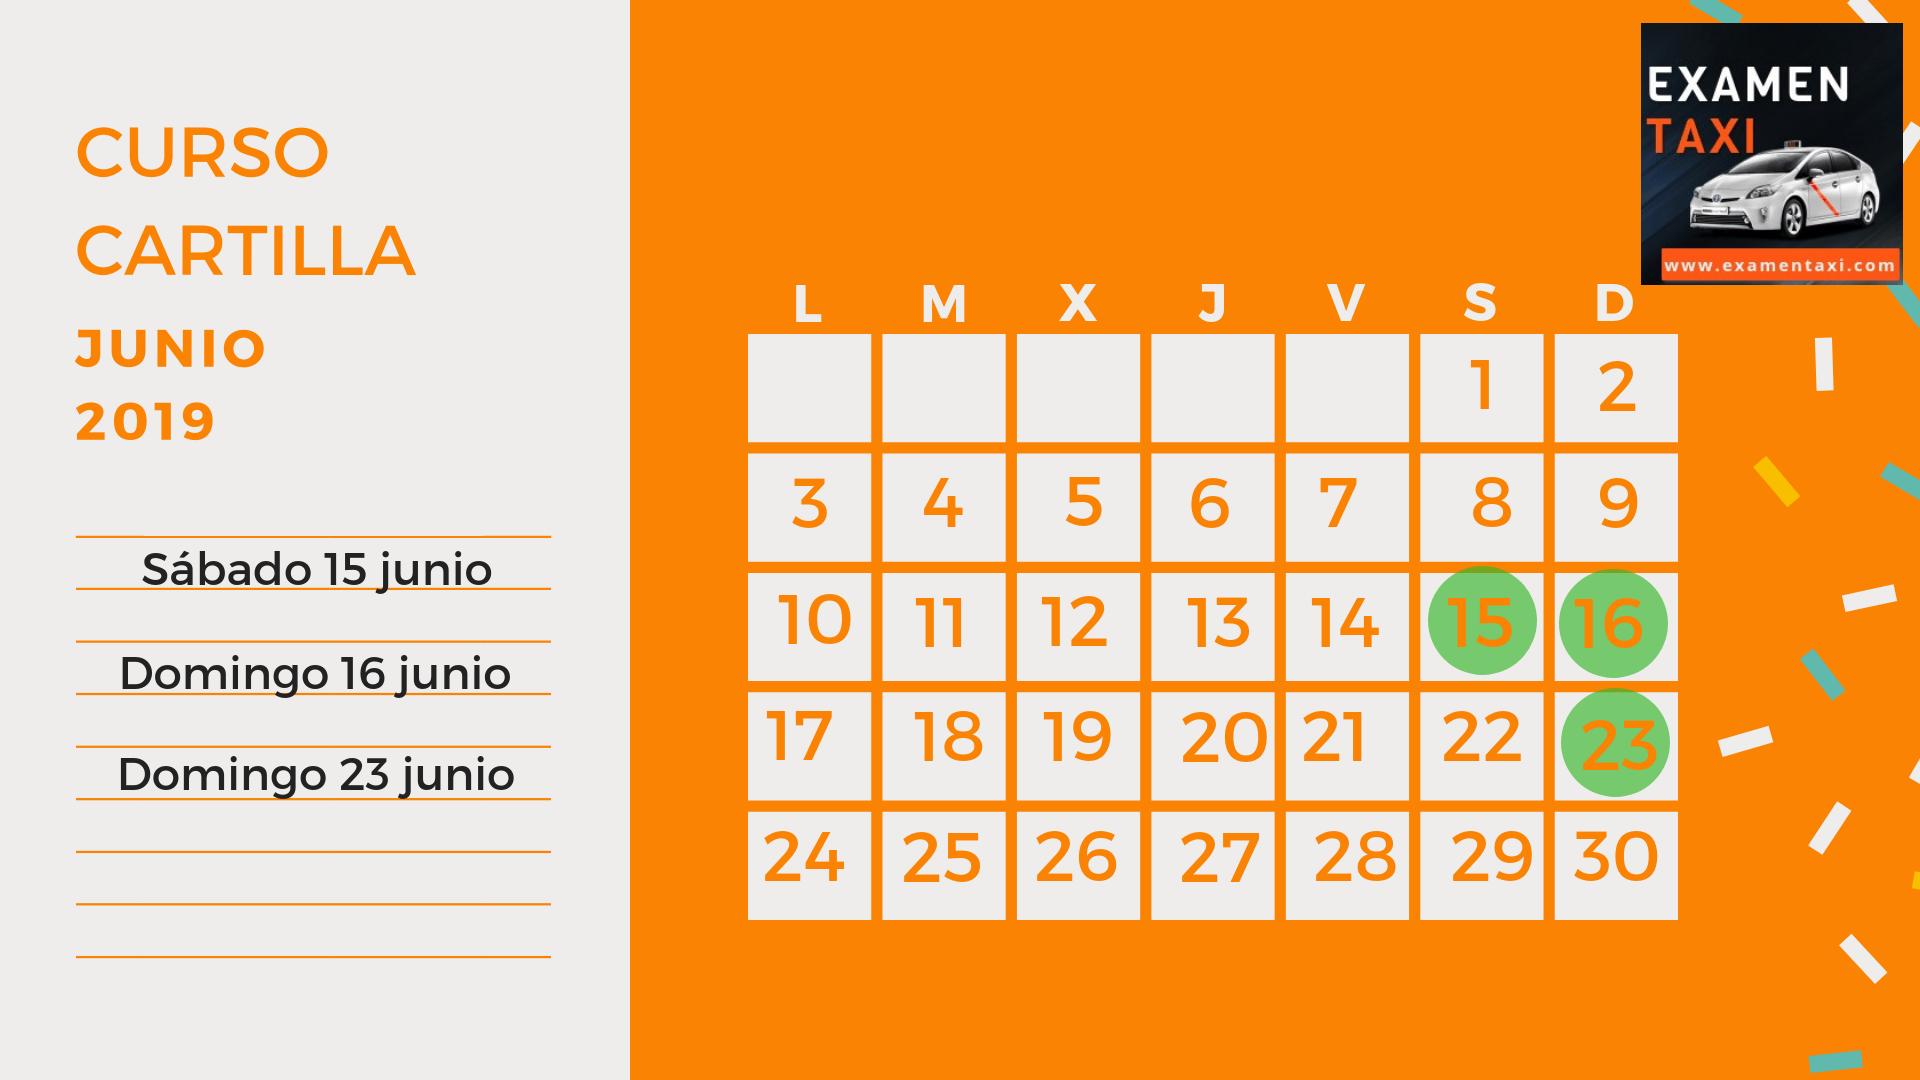 Calendario Curso Cartilla Junio 2019